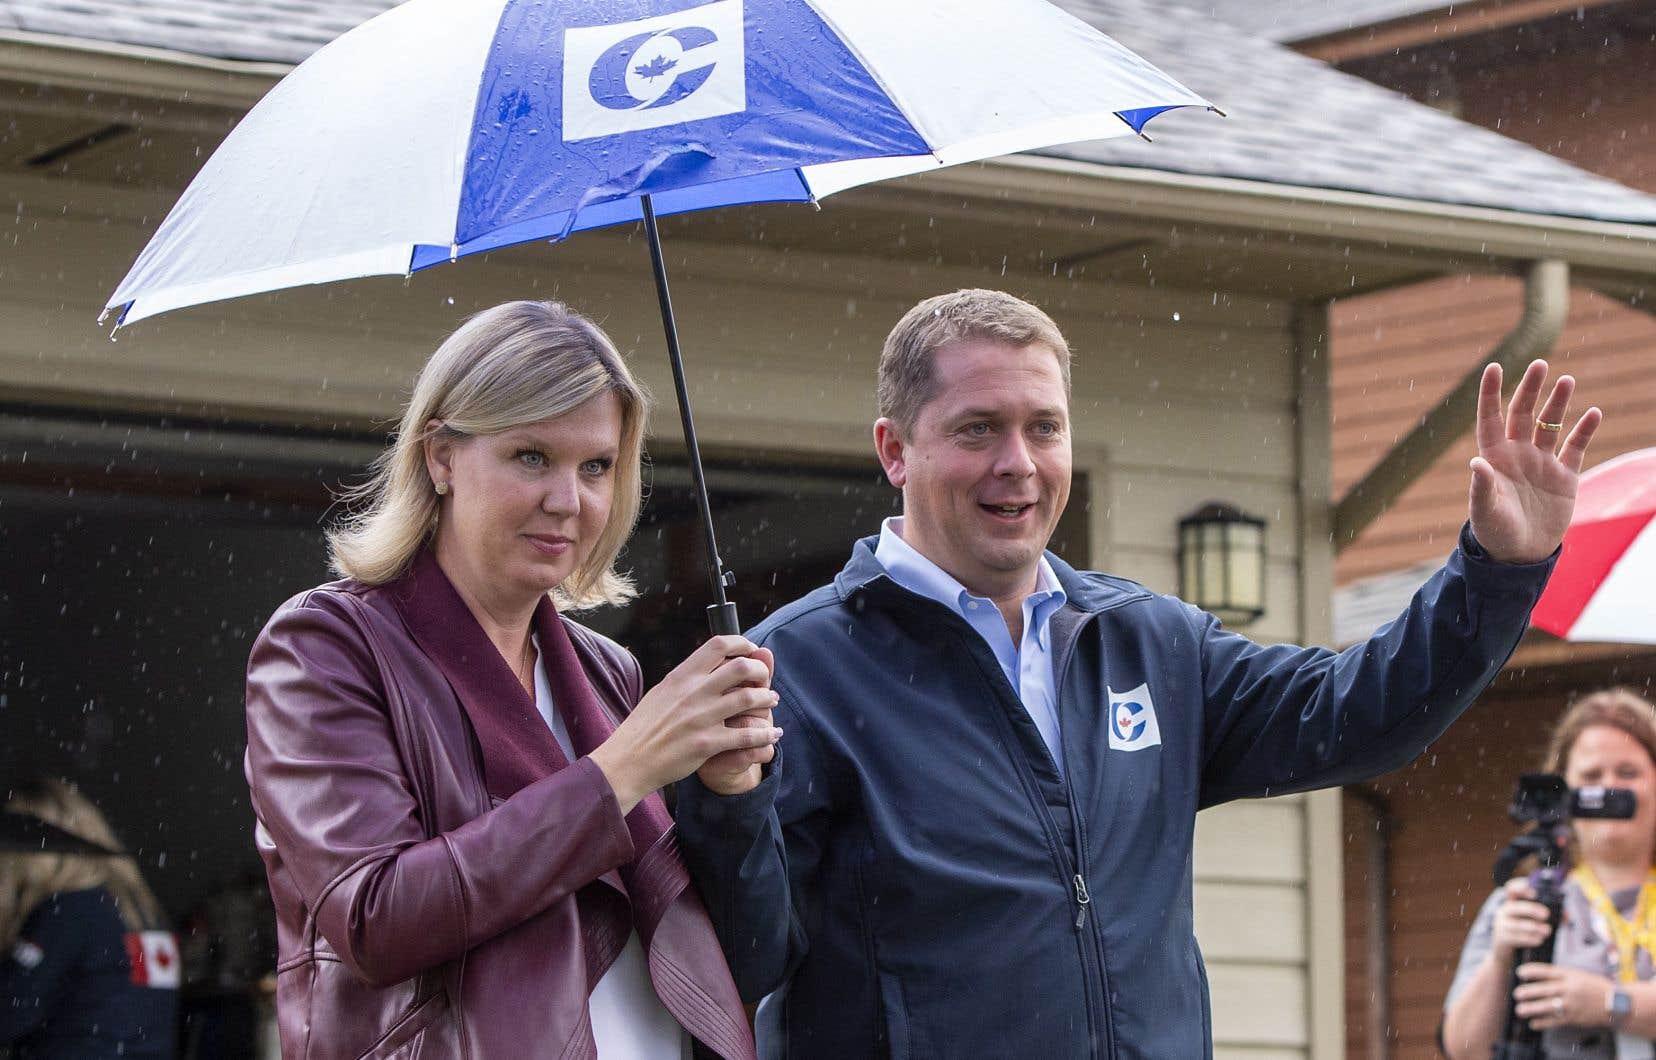 Le chef du Parti conservateur, Andrew Scheer, était de passage en Colombie-Britannique avec sa femme, Jill, dimanche, pour dévoiler un ambitieux plan de baisse des impôts.